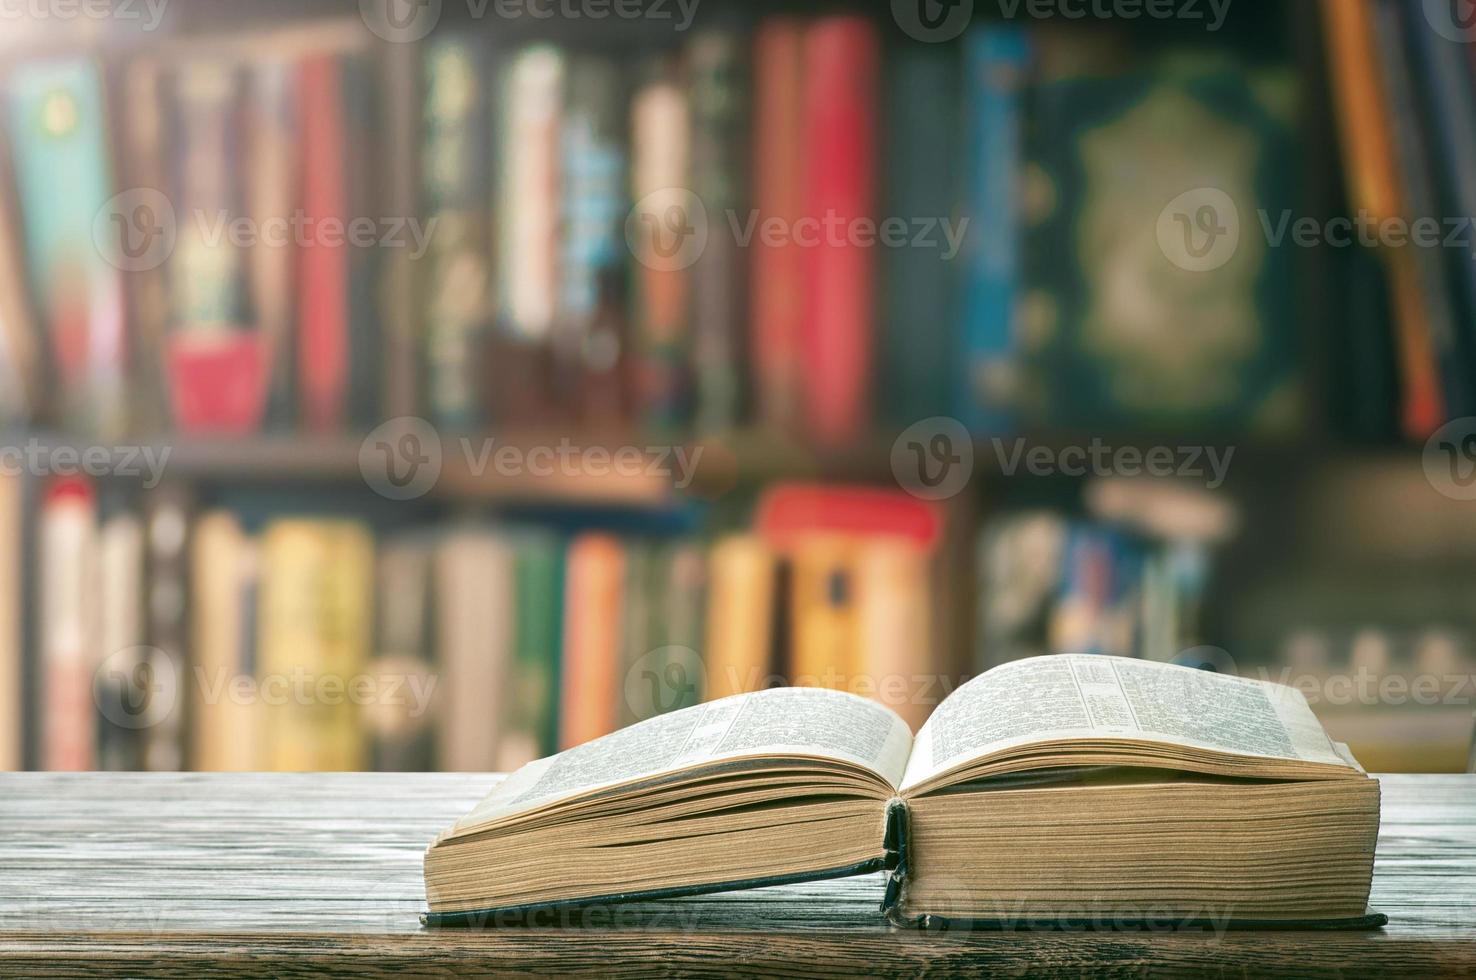 abrir libro grueso en la estantería foto